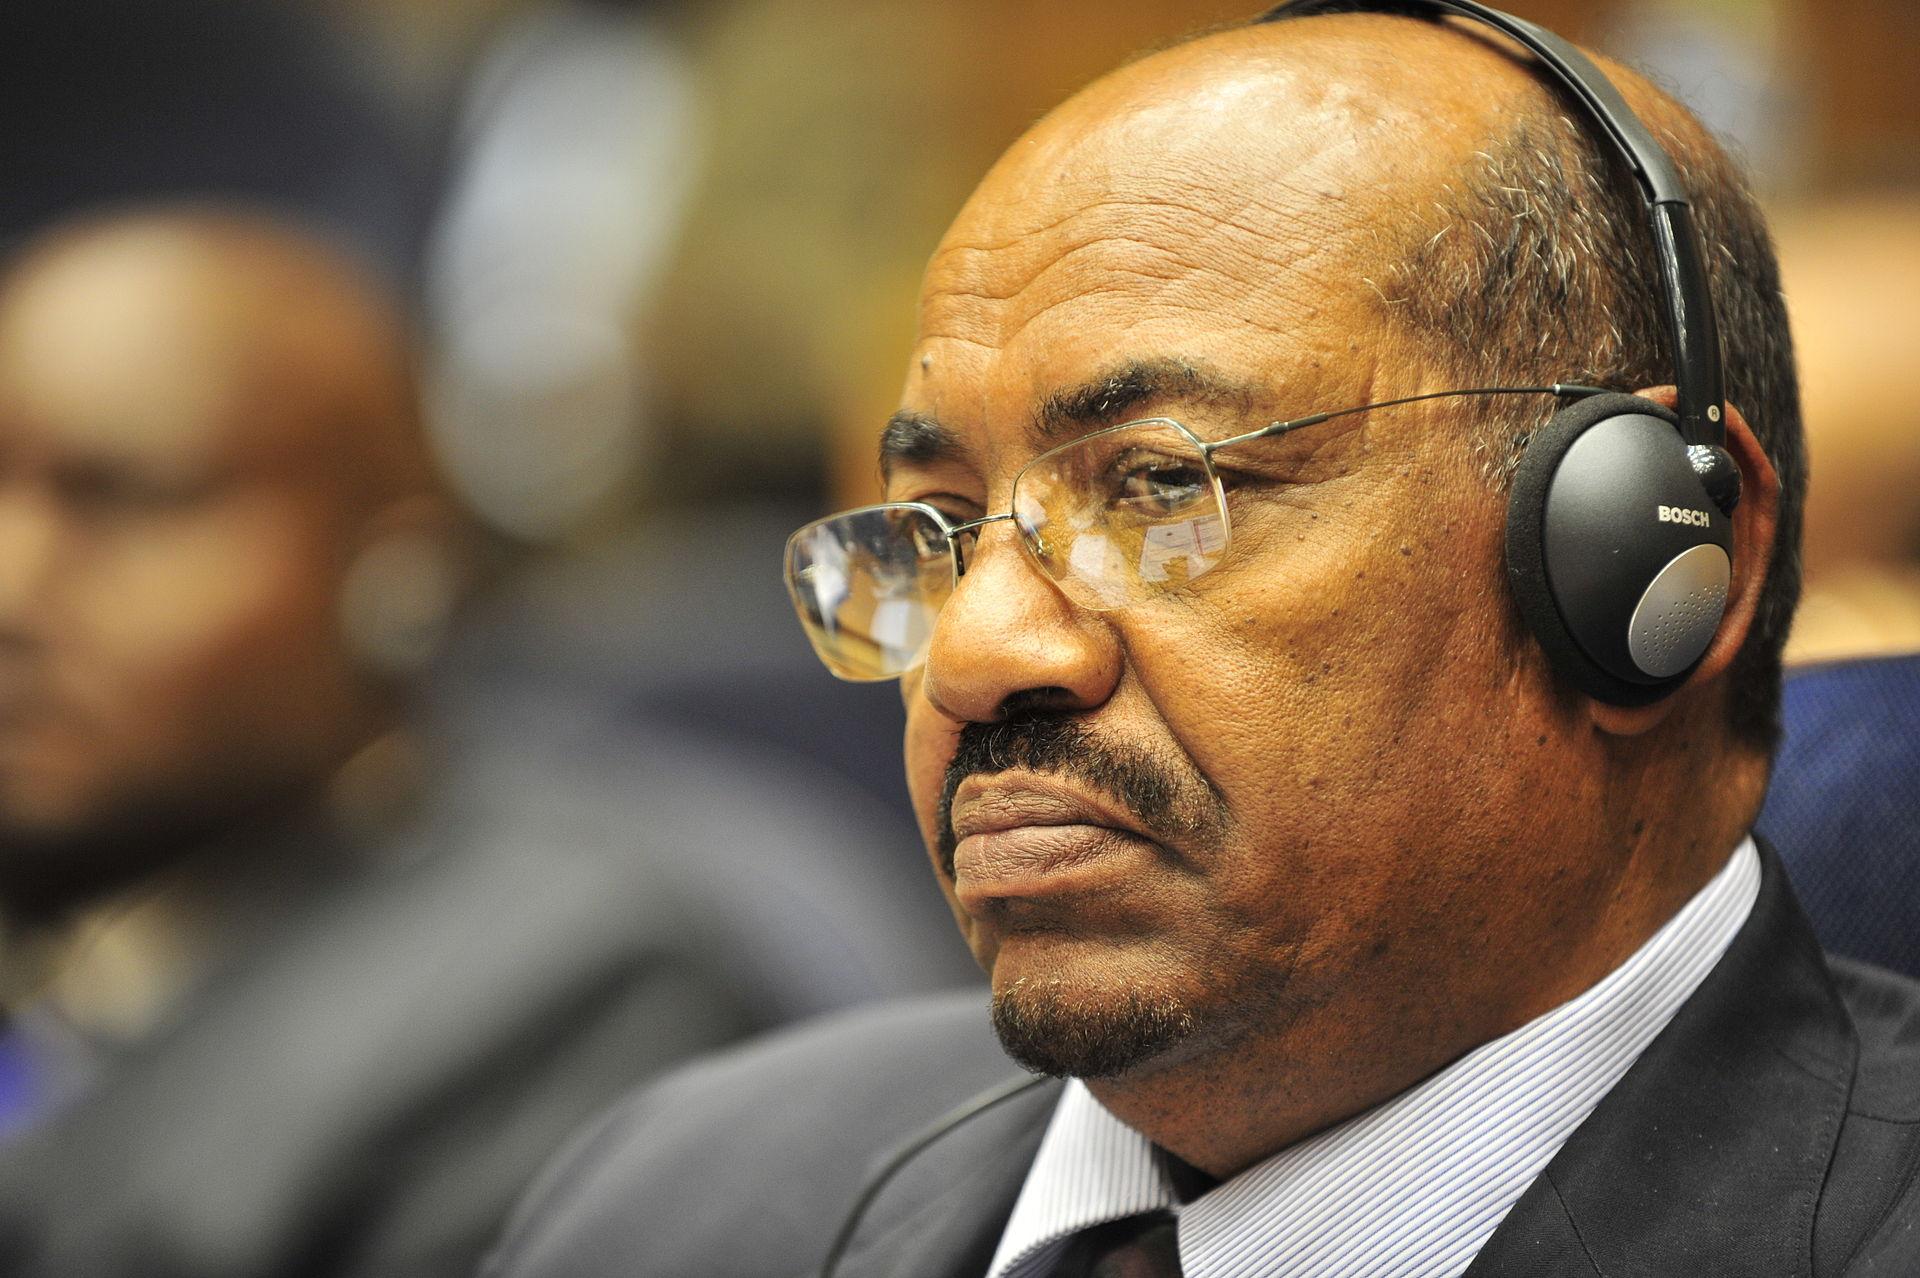 Diktator al-Bashir: Sind die Tage des Tyranns gezählt?